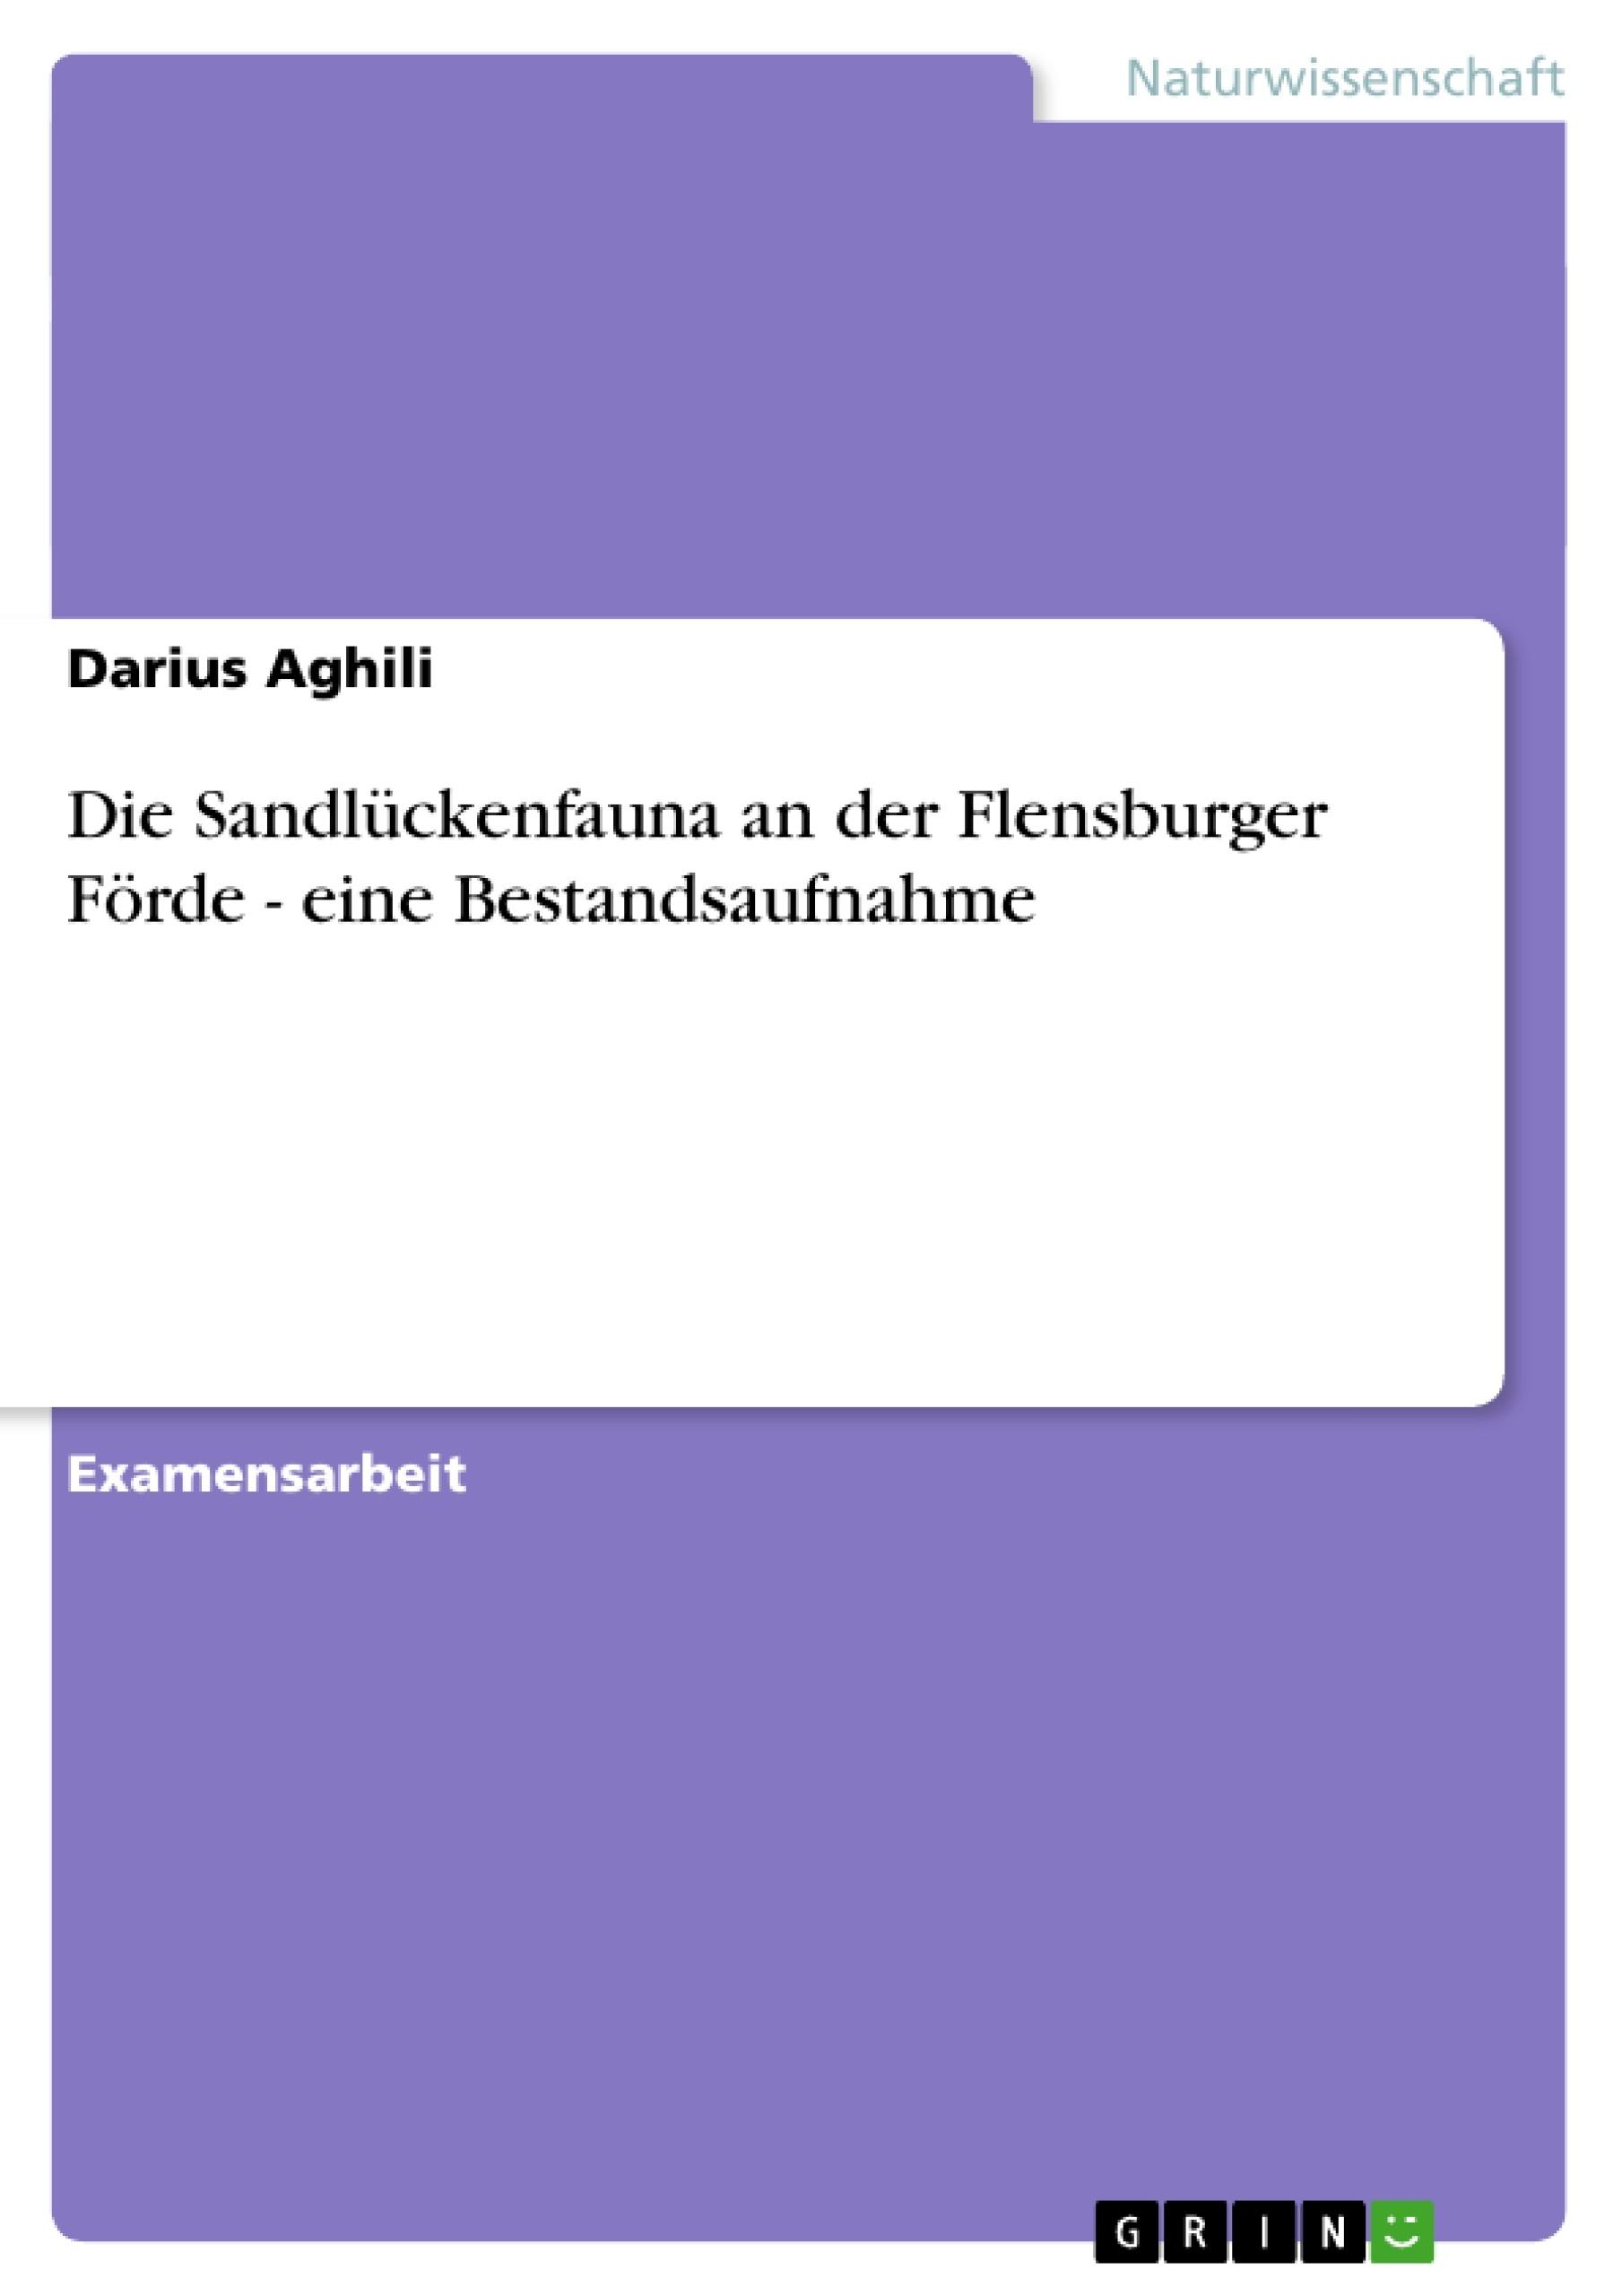 Titel: Die Sandlückenfauna an der Flensburger Förde - eine Bestandsaufnahme